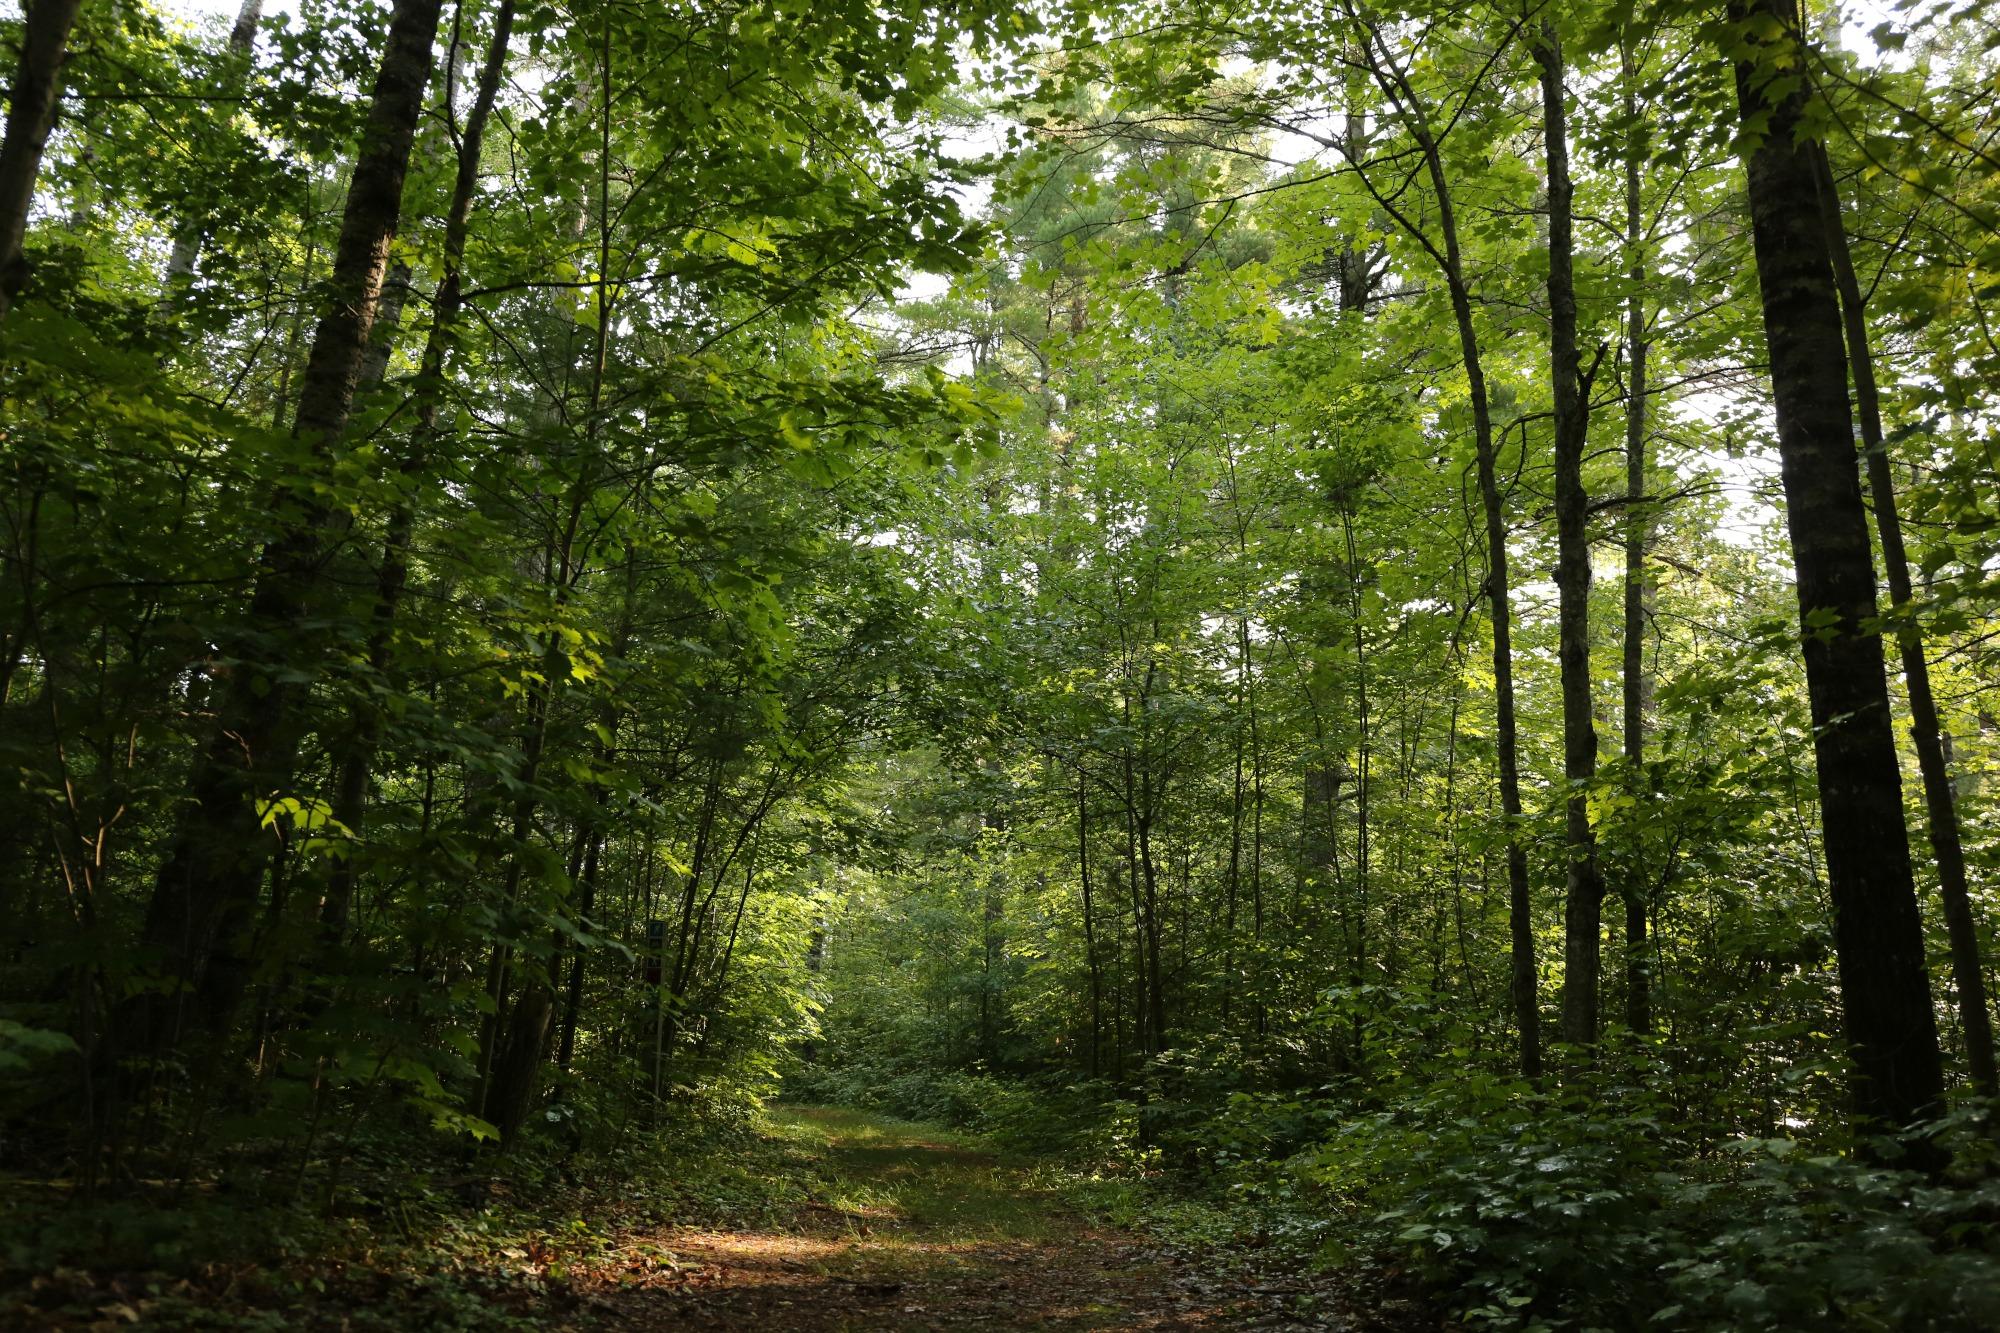 lumberjack trail vilas county wisconsin